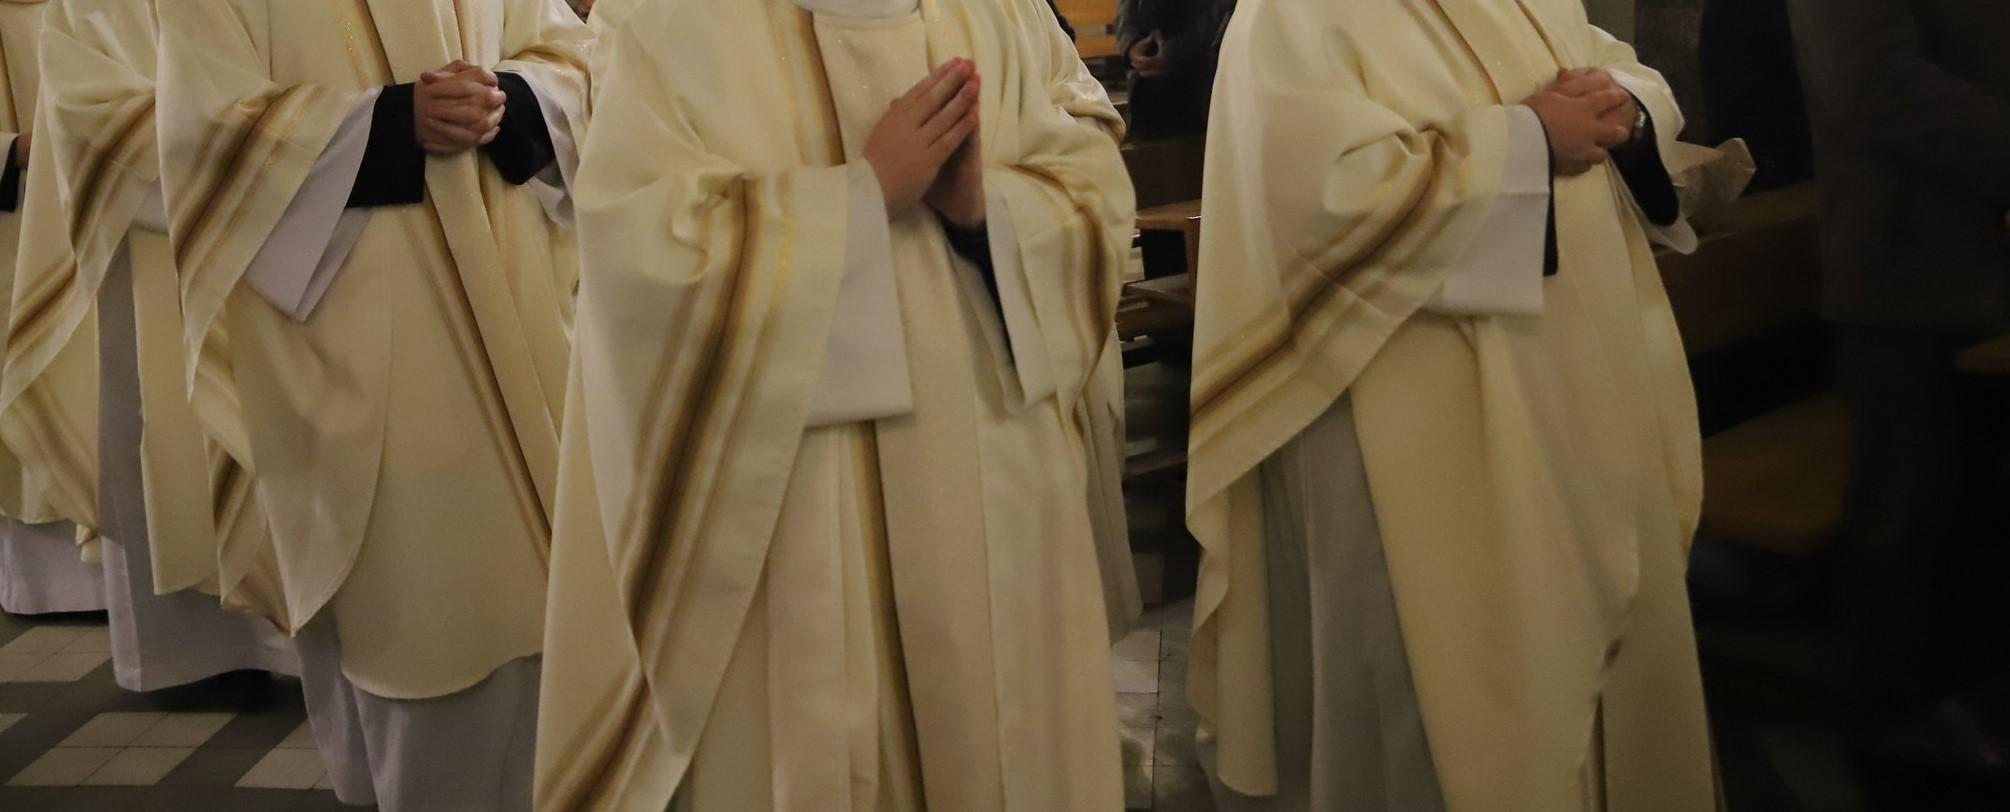 Ksiądz skazany za molestowanie grozi biskupowi. Chce go pozwać